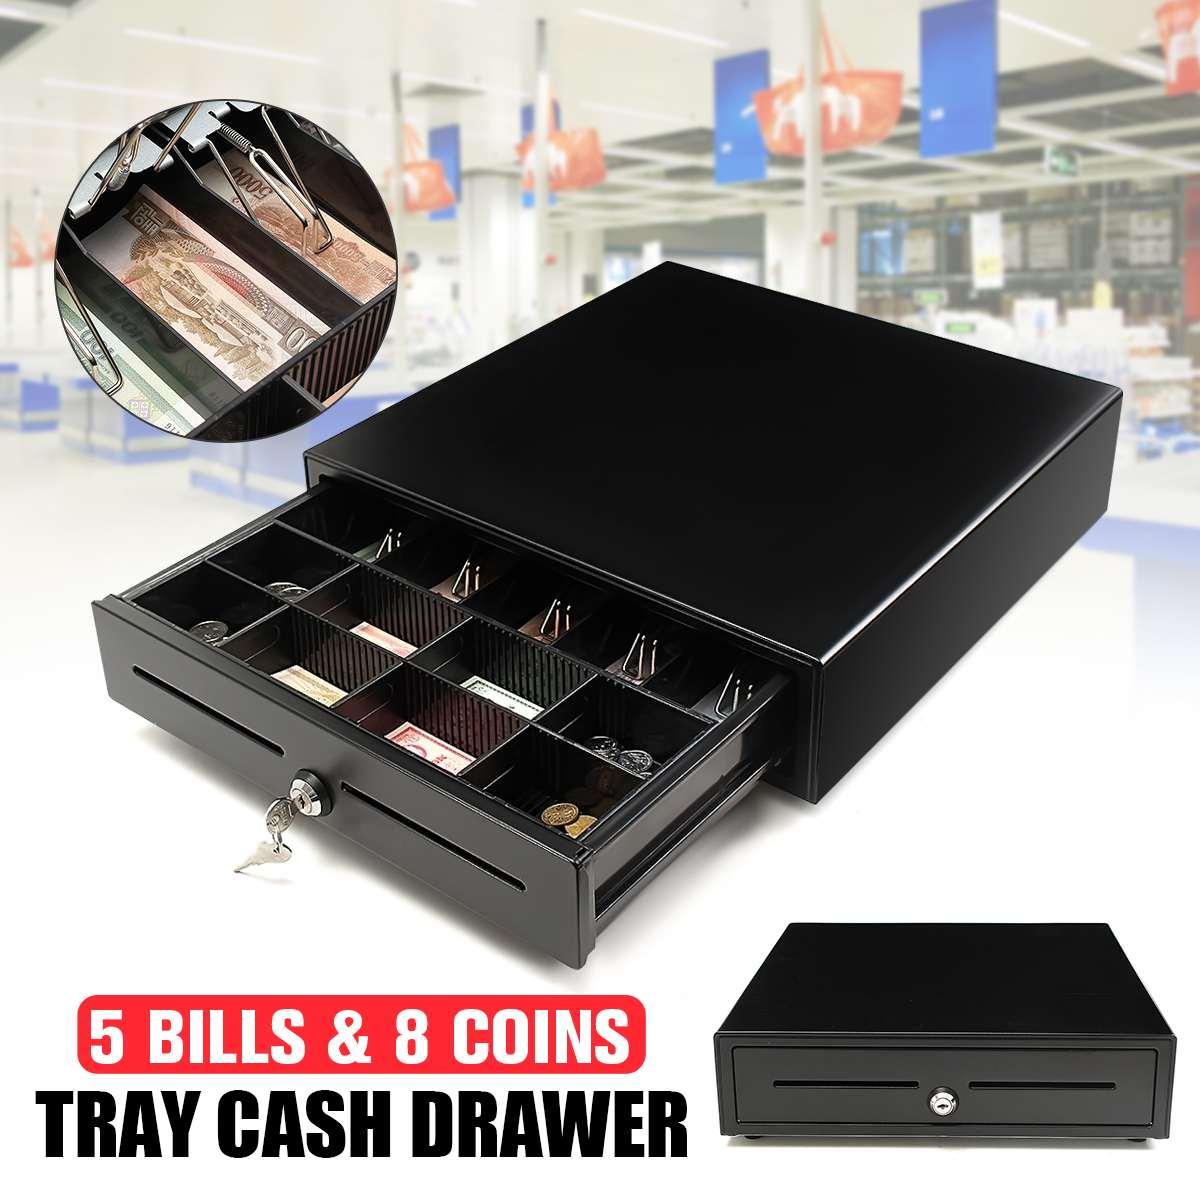 Serrure de tiroir-caisse électronique robuste caisse enregistreuse POS 5 factures boîte de plateau de 8 pièces classent la tirelire du magasin